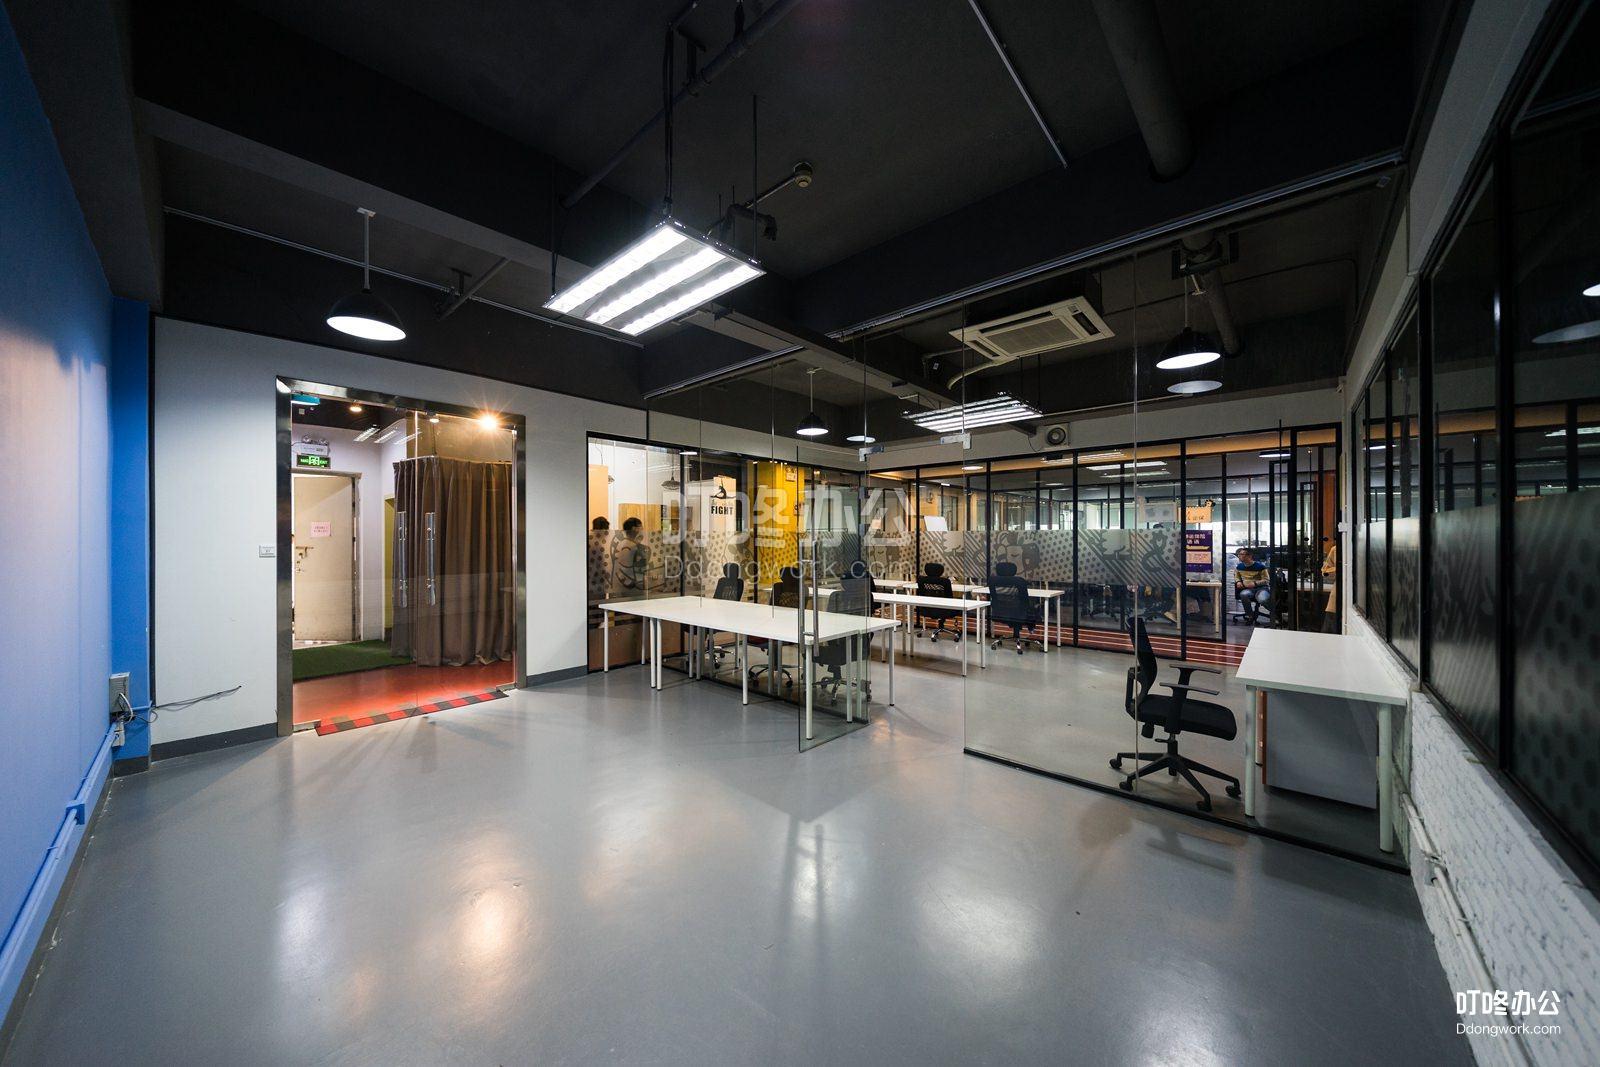 深圳yeswedo科技园社区•优客工场走廊